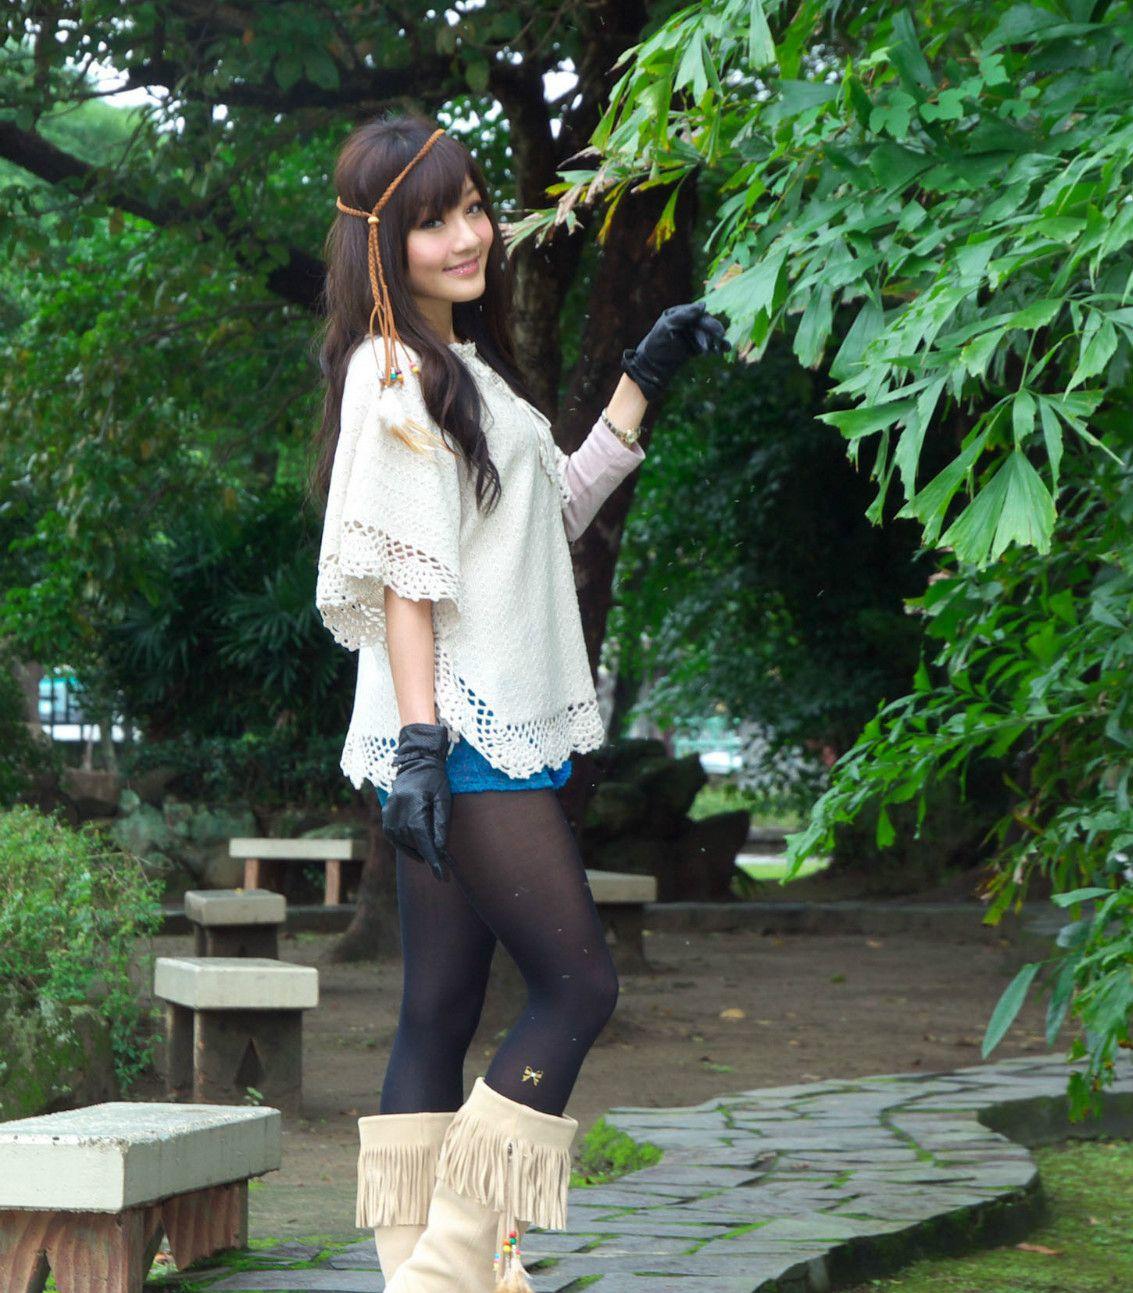 街拍时尚美女:青梅竹马的她就要出国留学了,拍些美照留作纪念吧